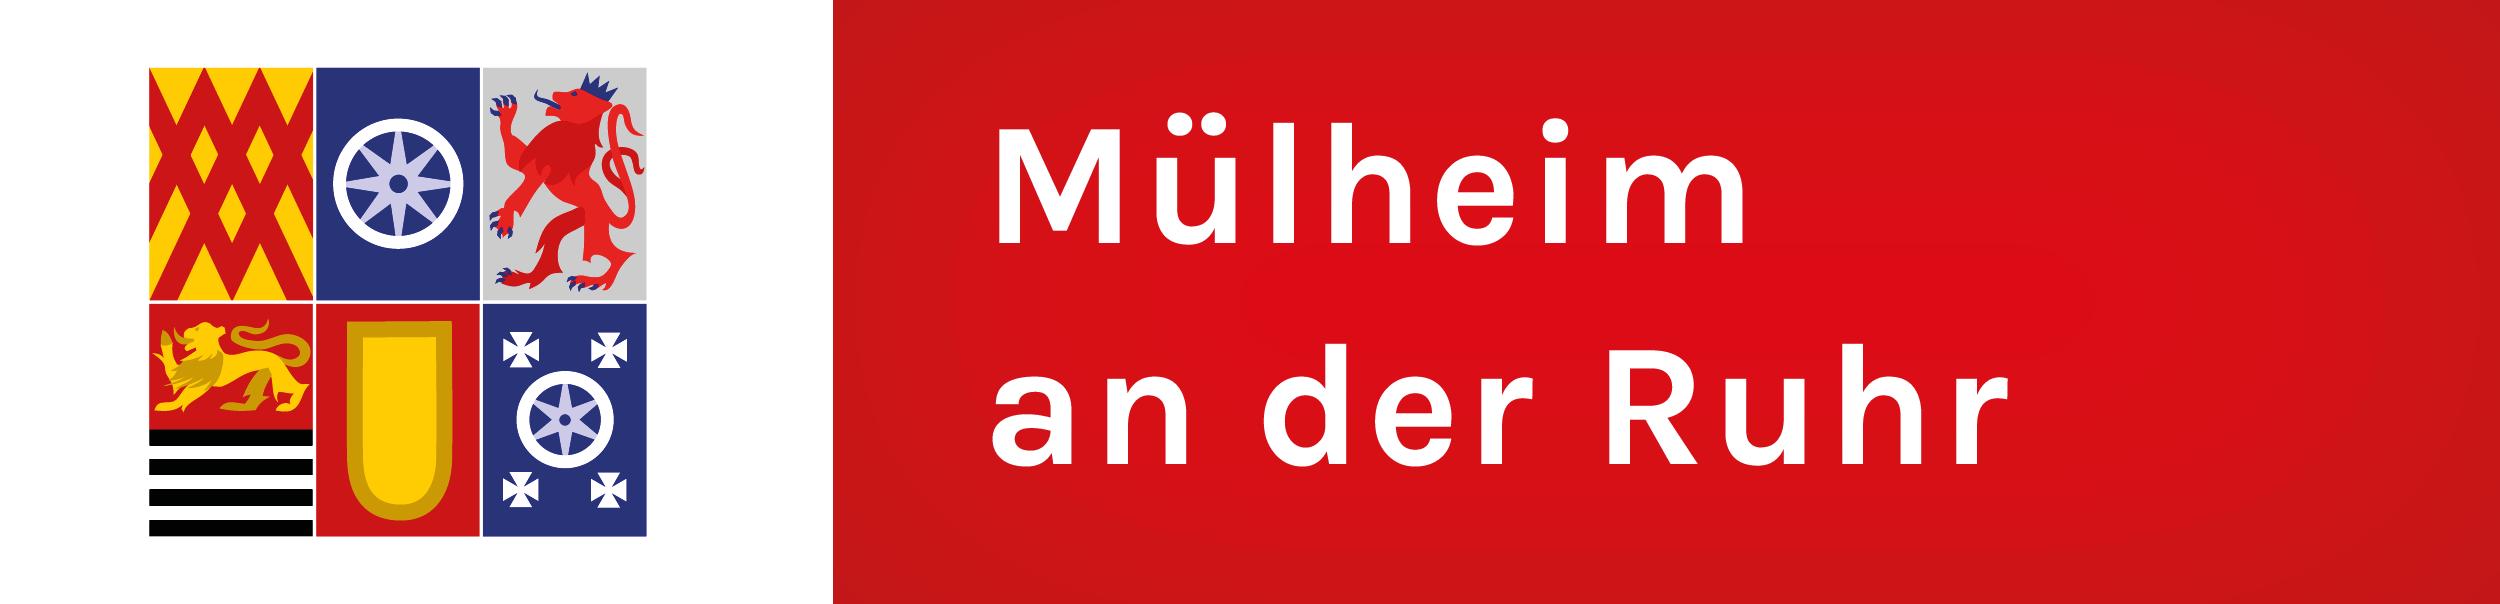 Banner für Mülheim an der Ruhr